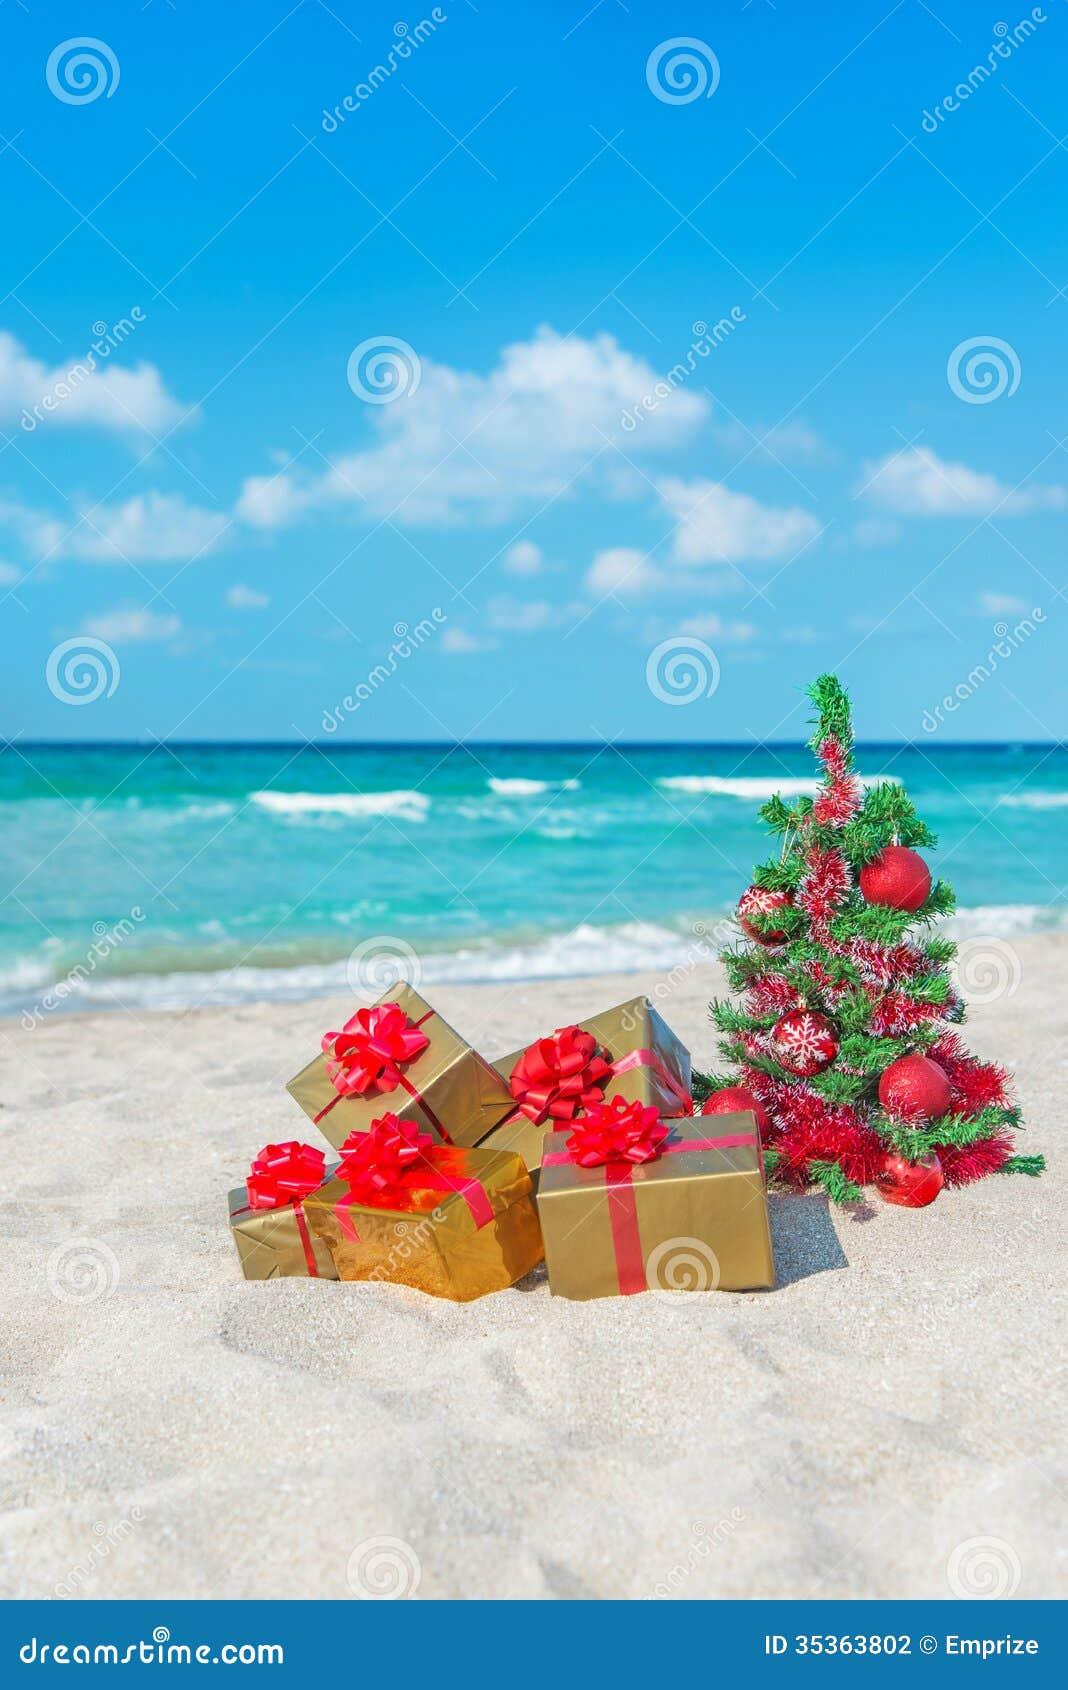 Immagini Natale Mare.L Albero Di Natale Ed Il Regalo Dorato Con Il Grande Arco